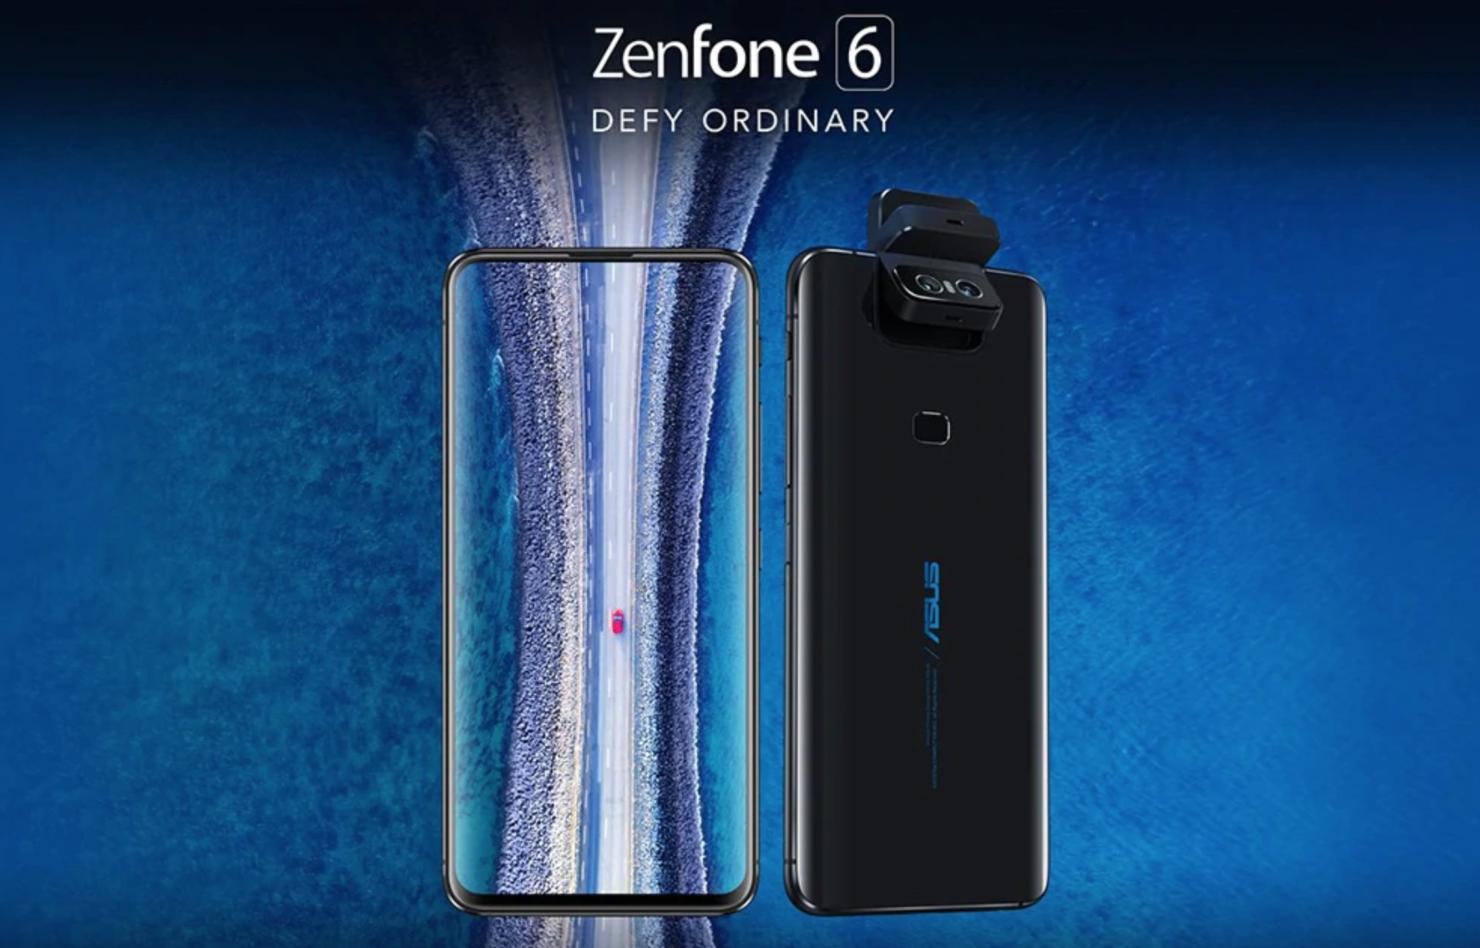 asus-zenfone-6-featured